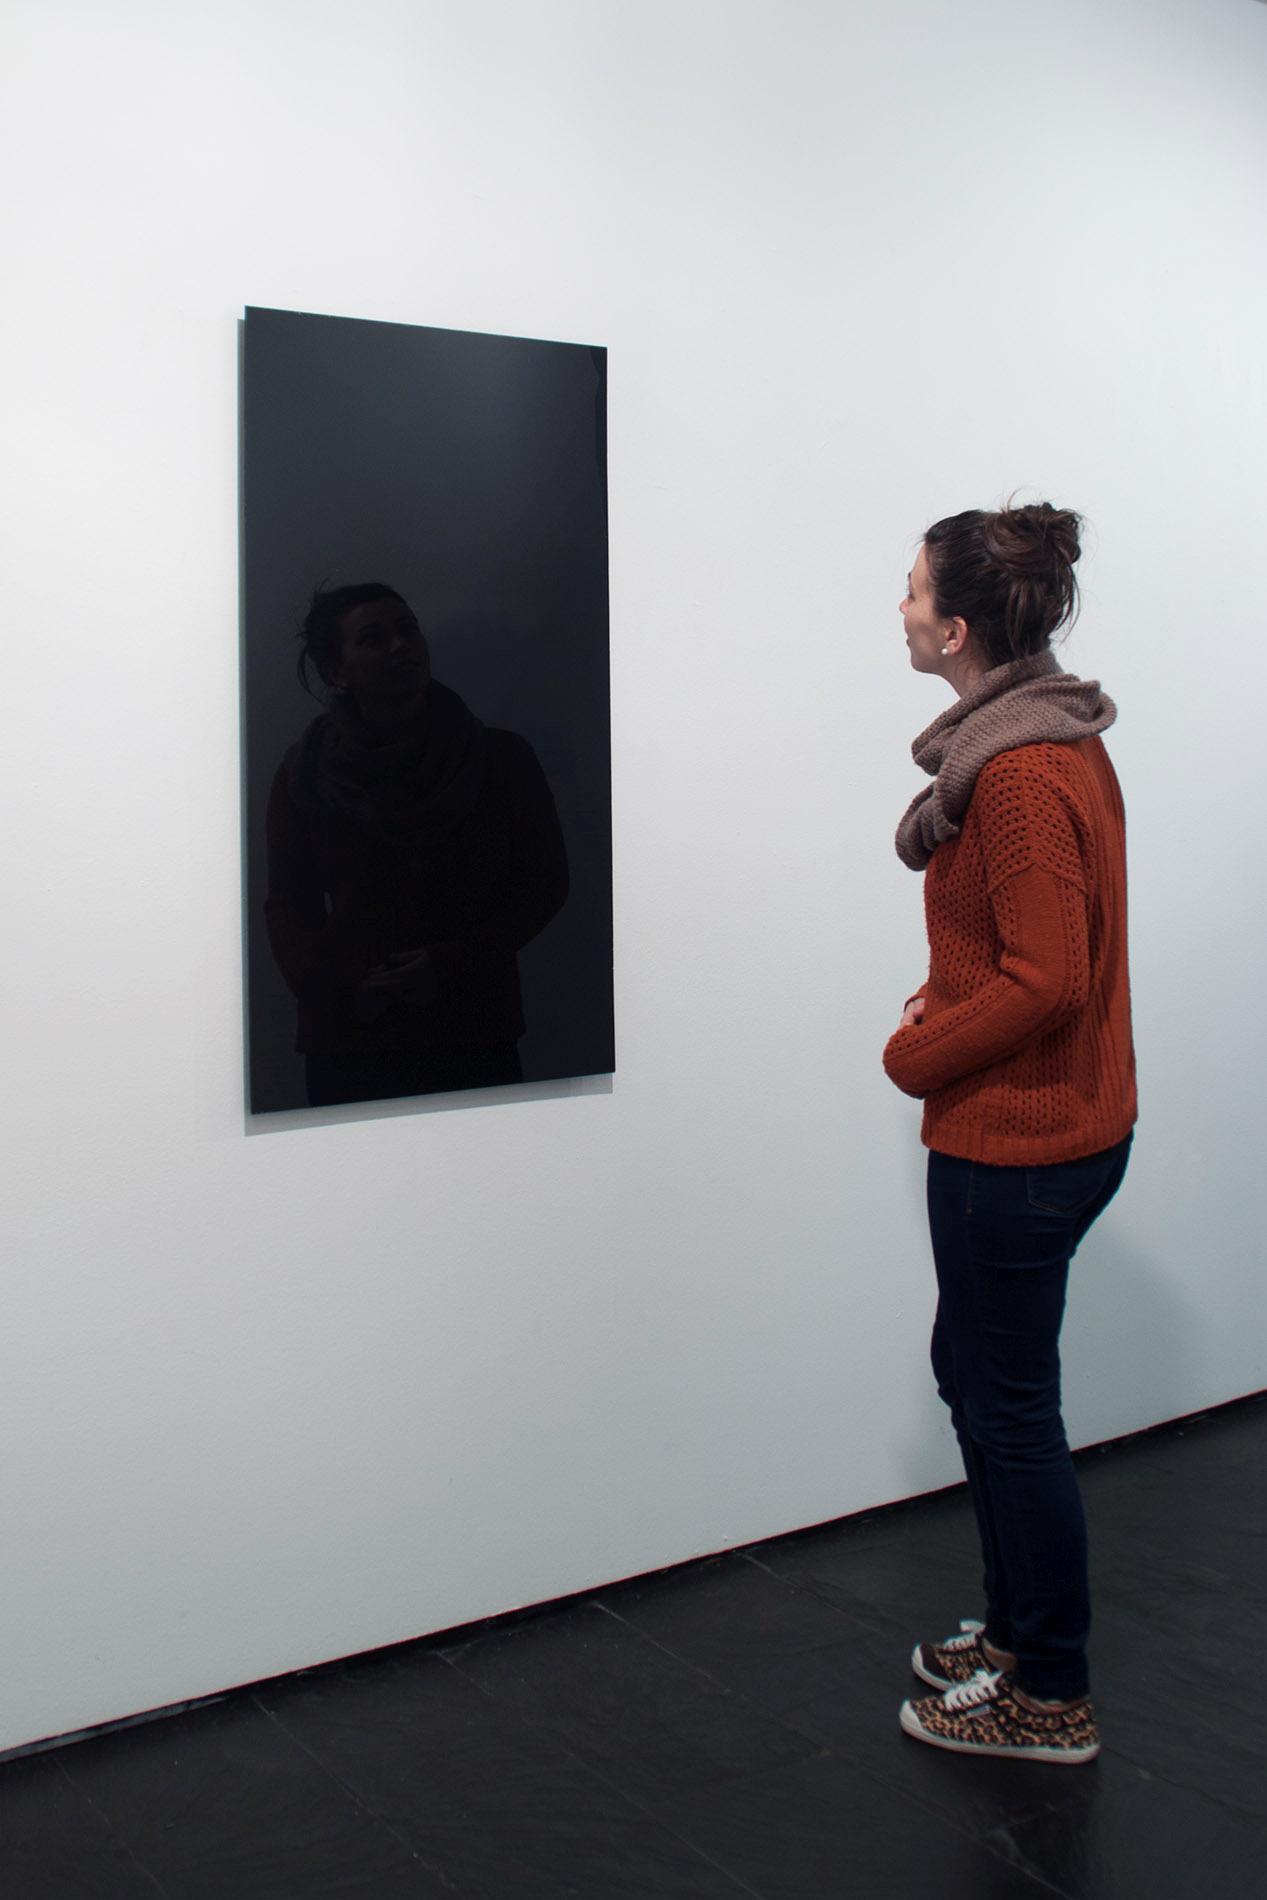 Inma Femenía. Black Mirror, 2014